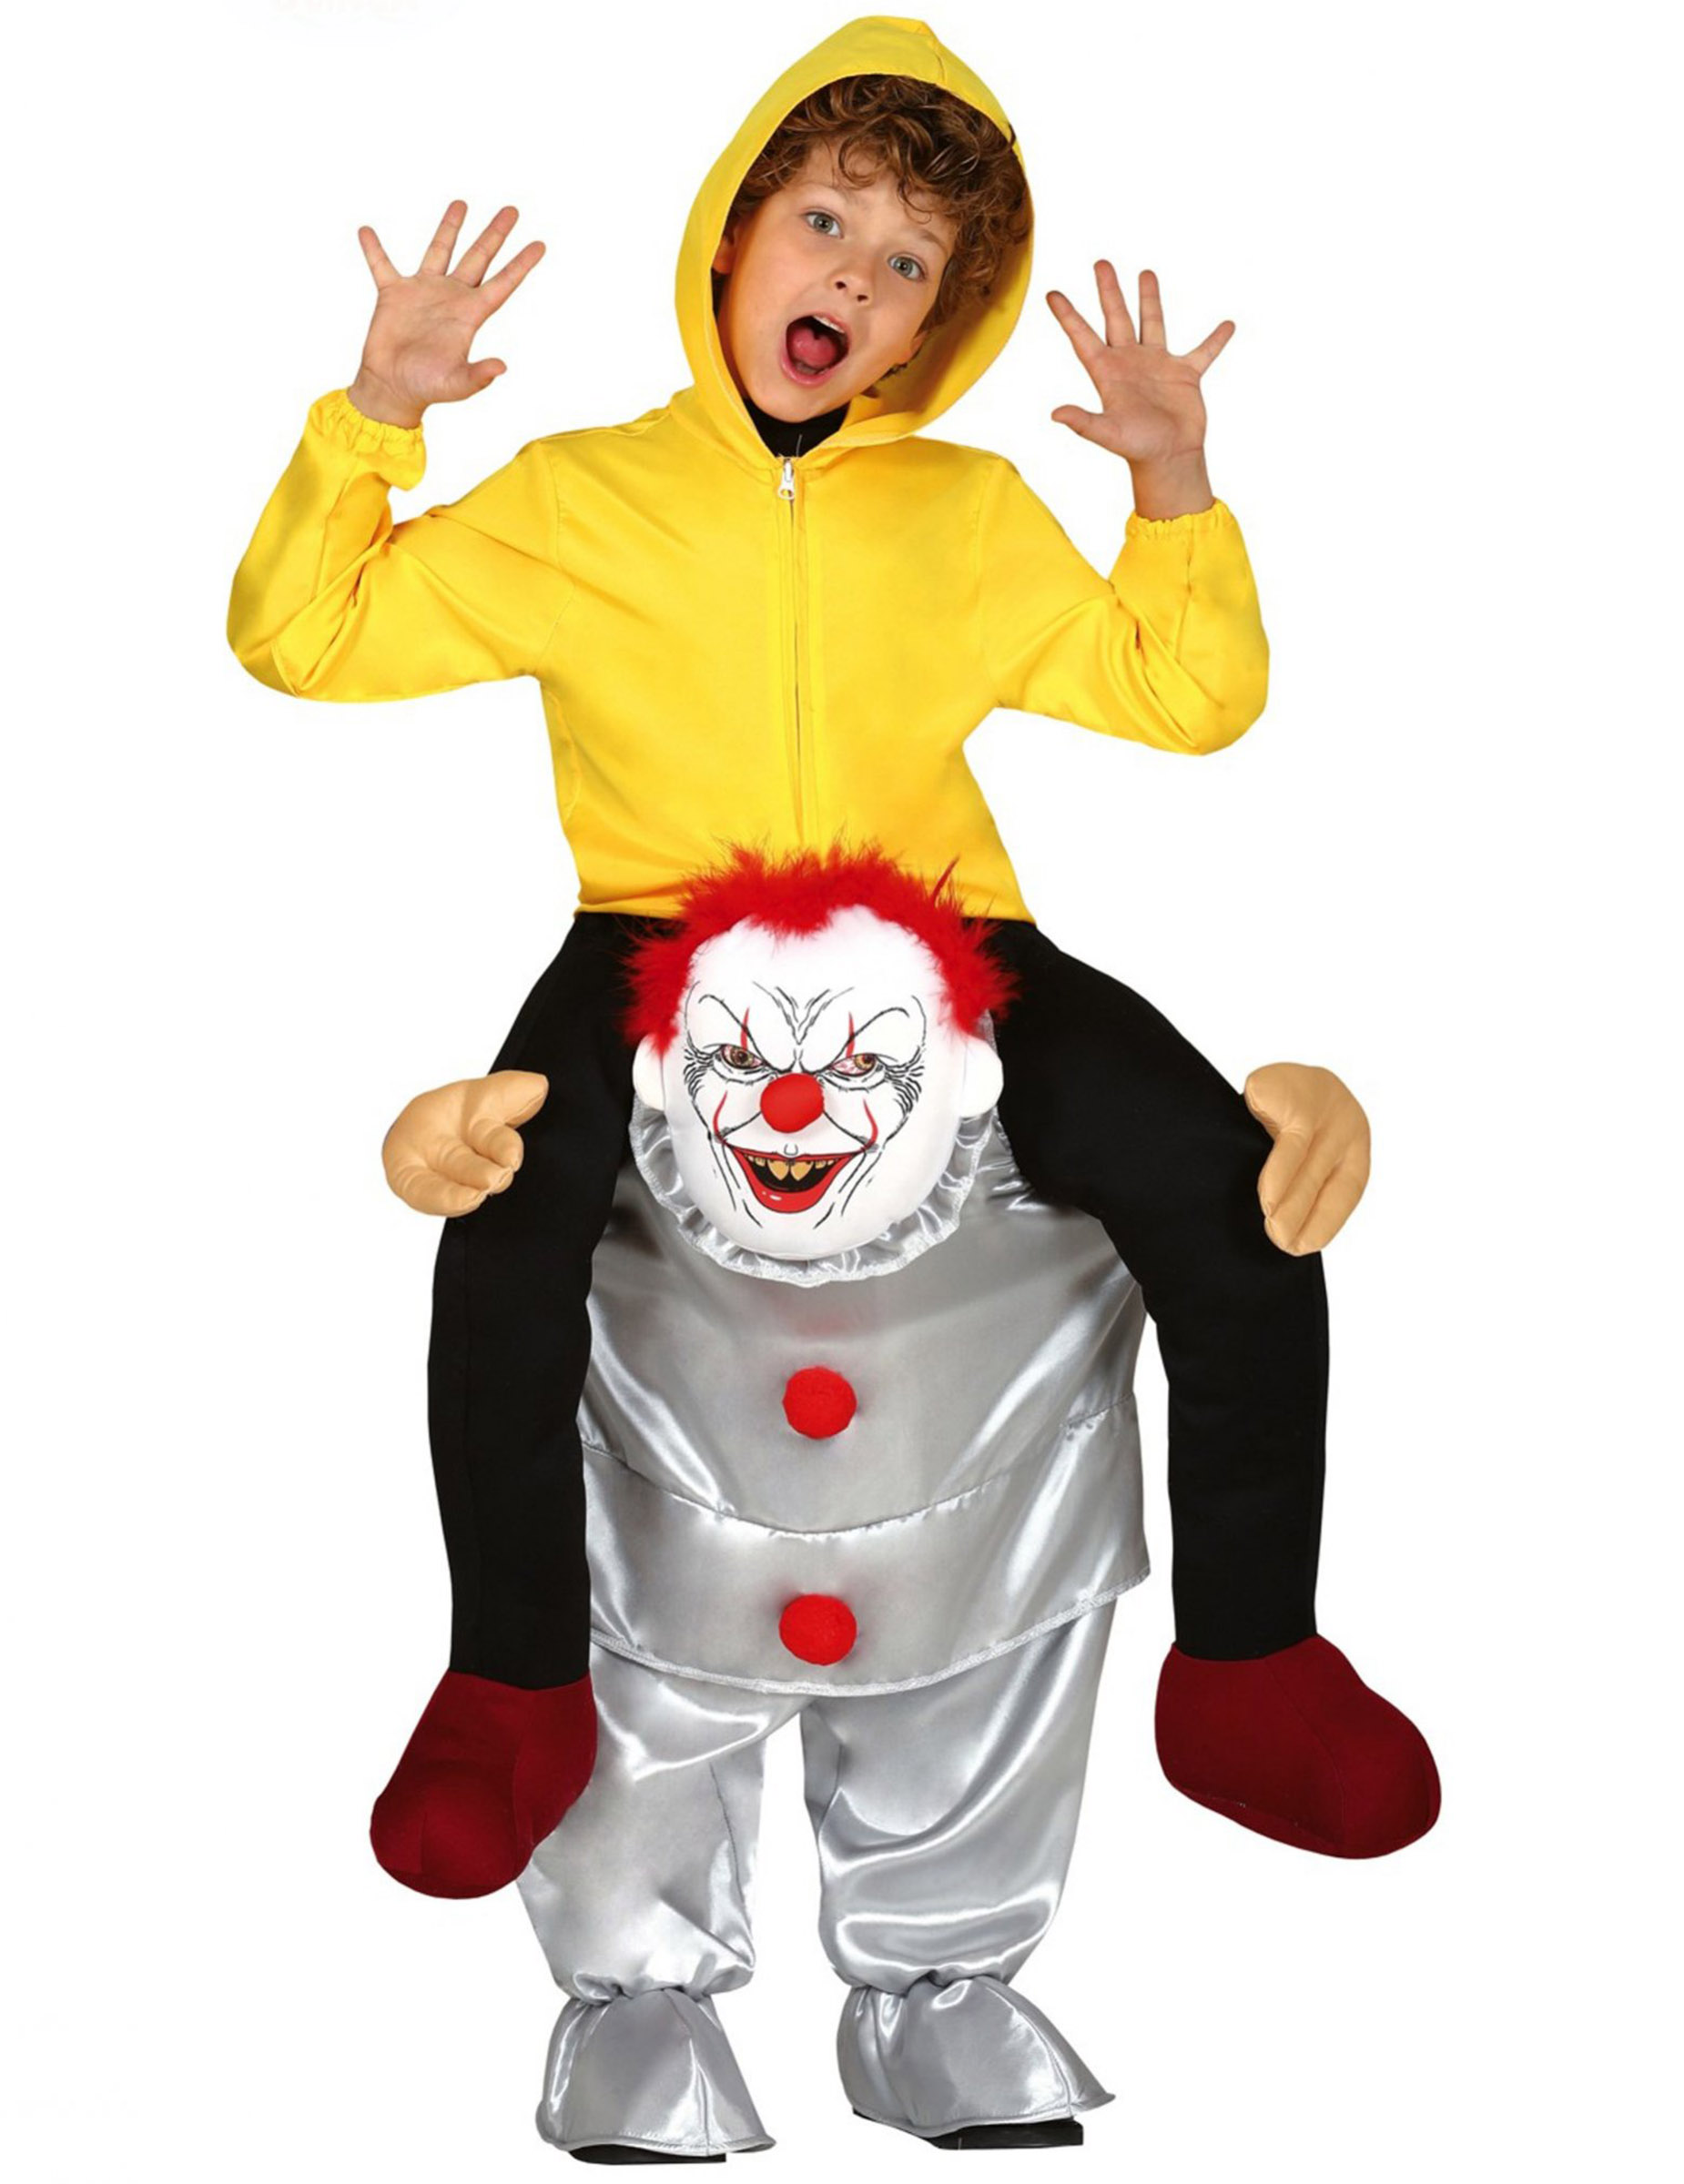 mon fils sort avec un psychopathe